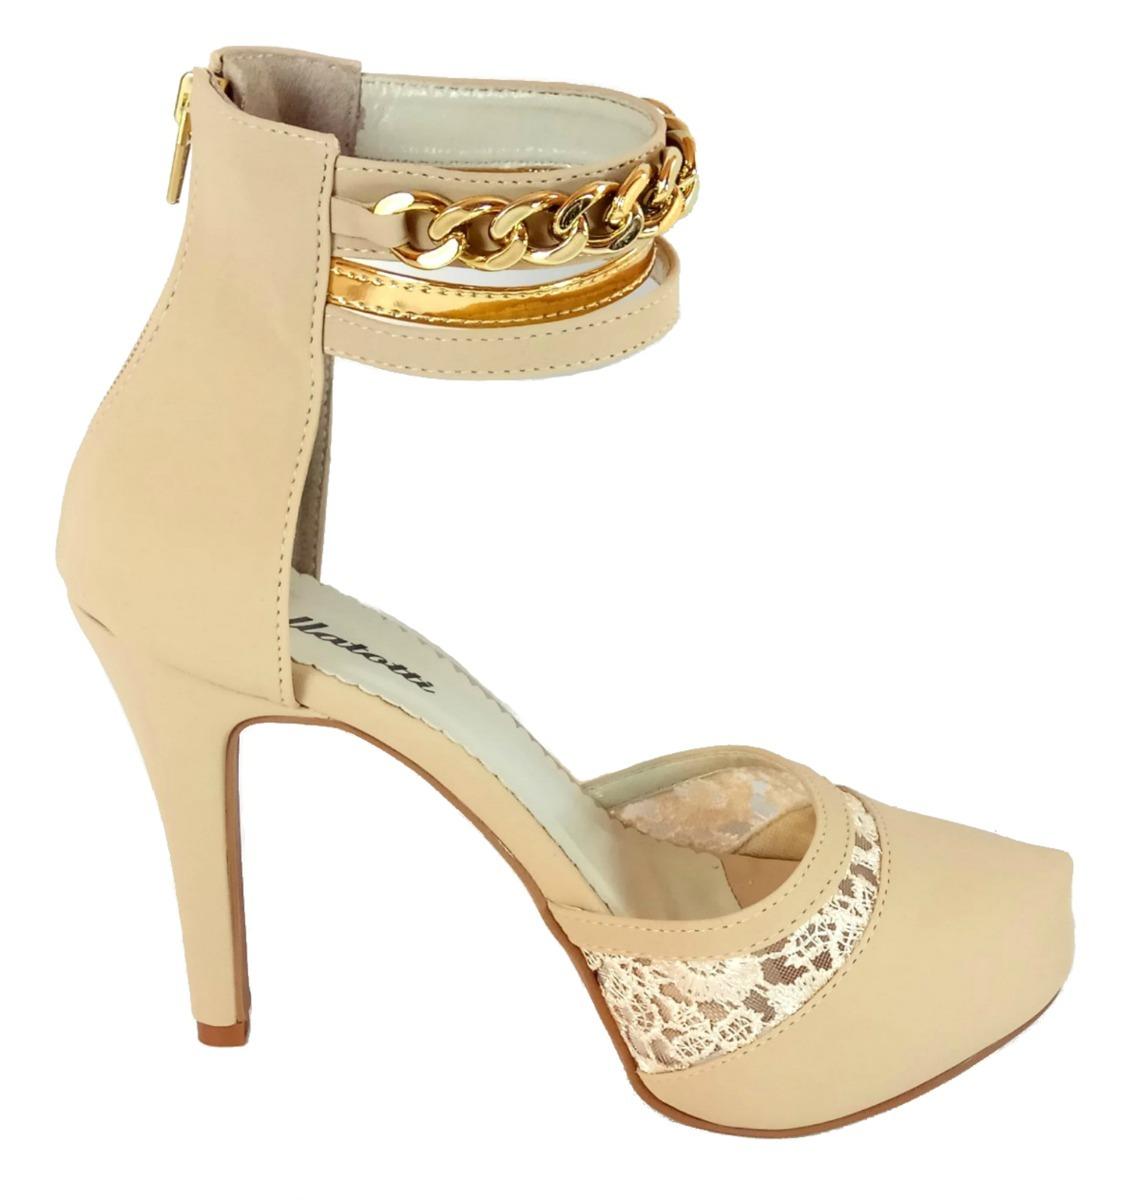 c5ae8b3fa1 sapato feminino salto alto scarpin festa sandália formatura. Carregando zoom...  sapato feminino scarpin. Carregando zoom.